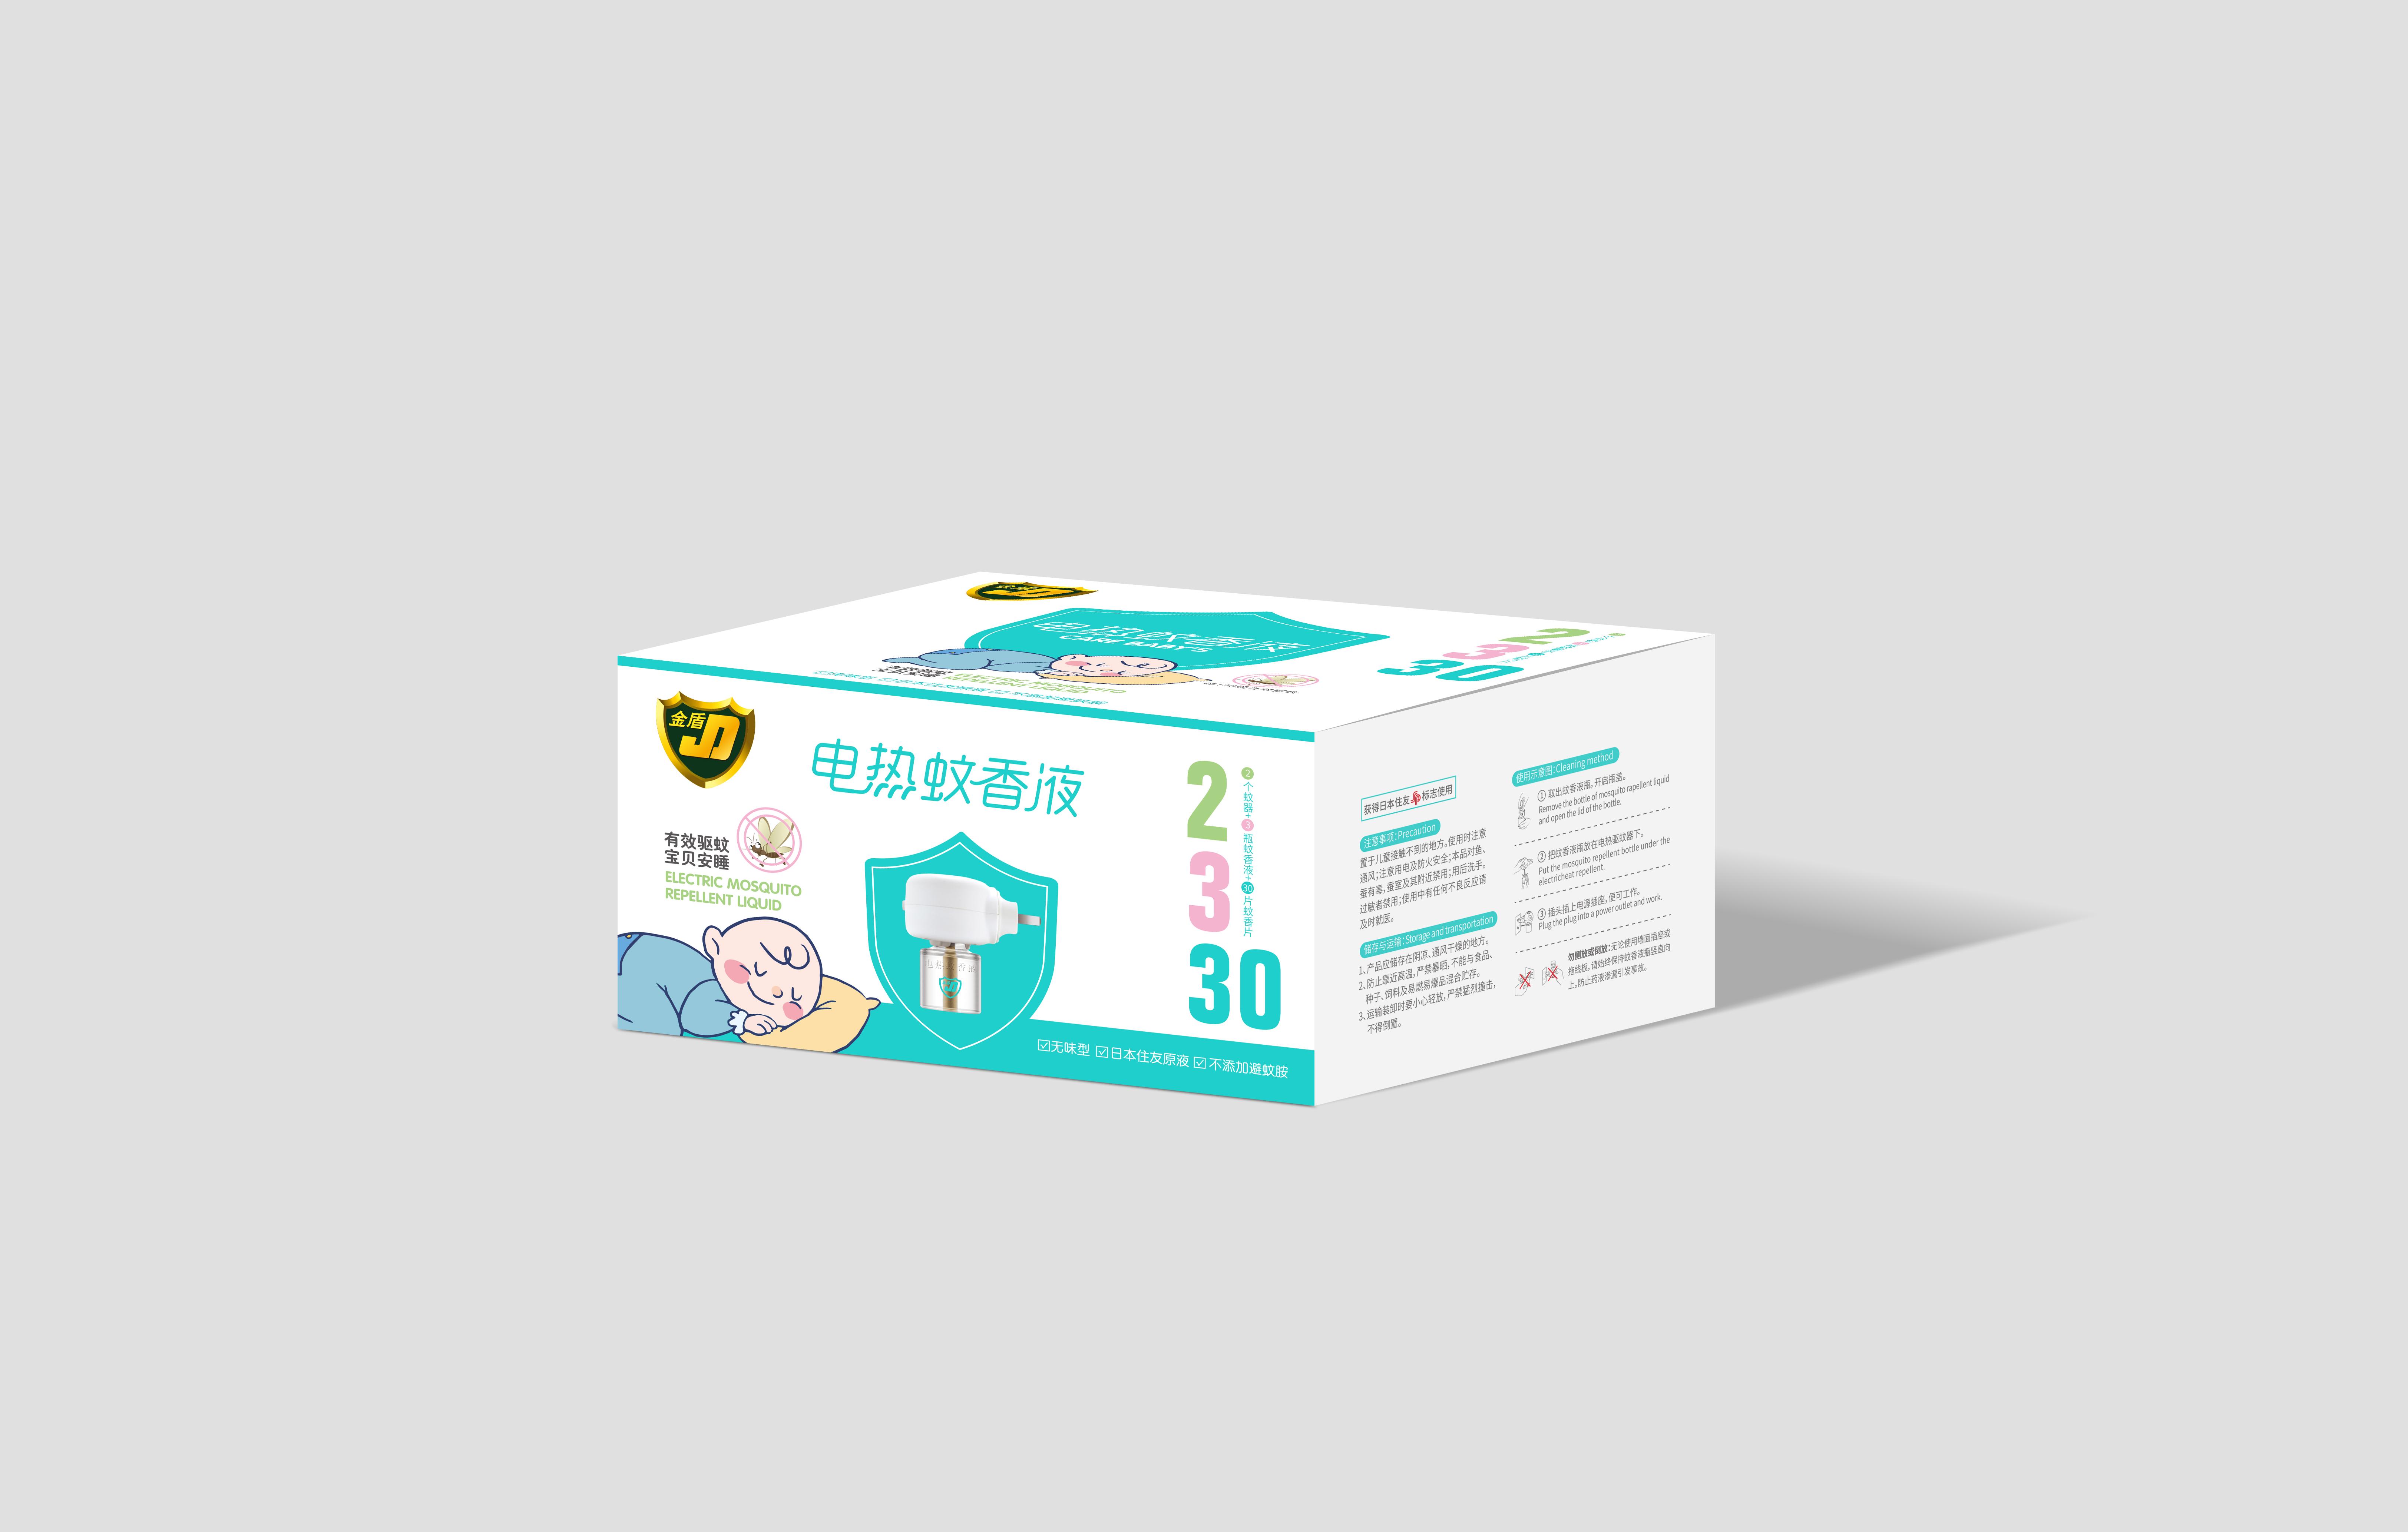 金盾兒童電熱蚊液促銷裝(3液+2器送30蚊片)